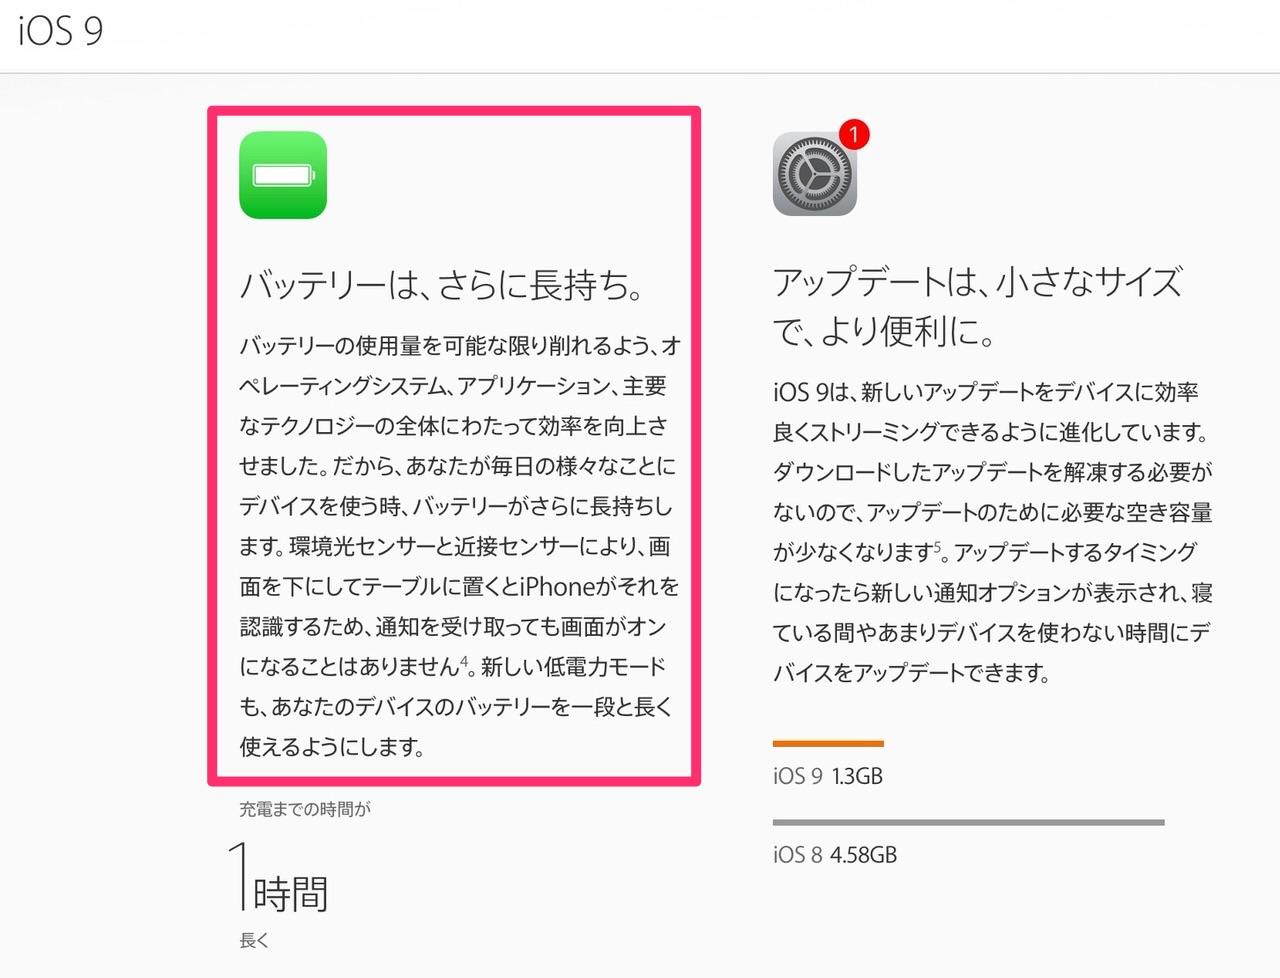 【iOS 9】画面を下にして置くとバッテリーが長持ち「フェイスダウン」モード